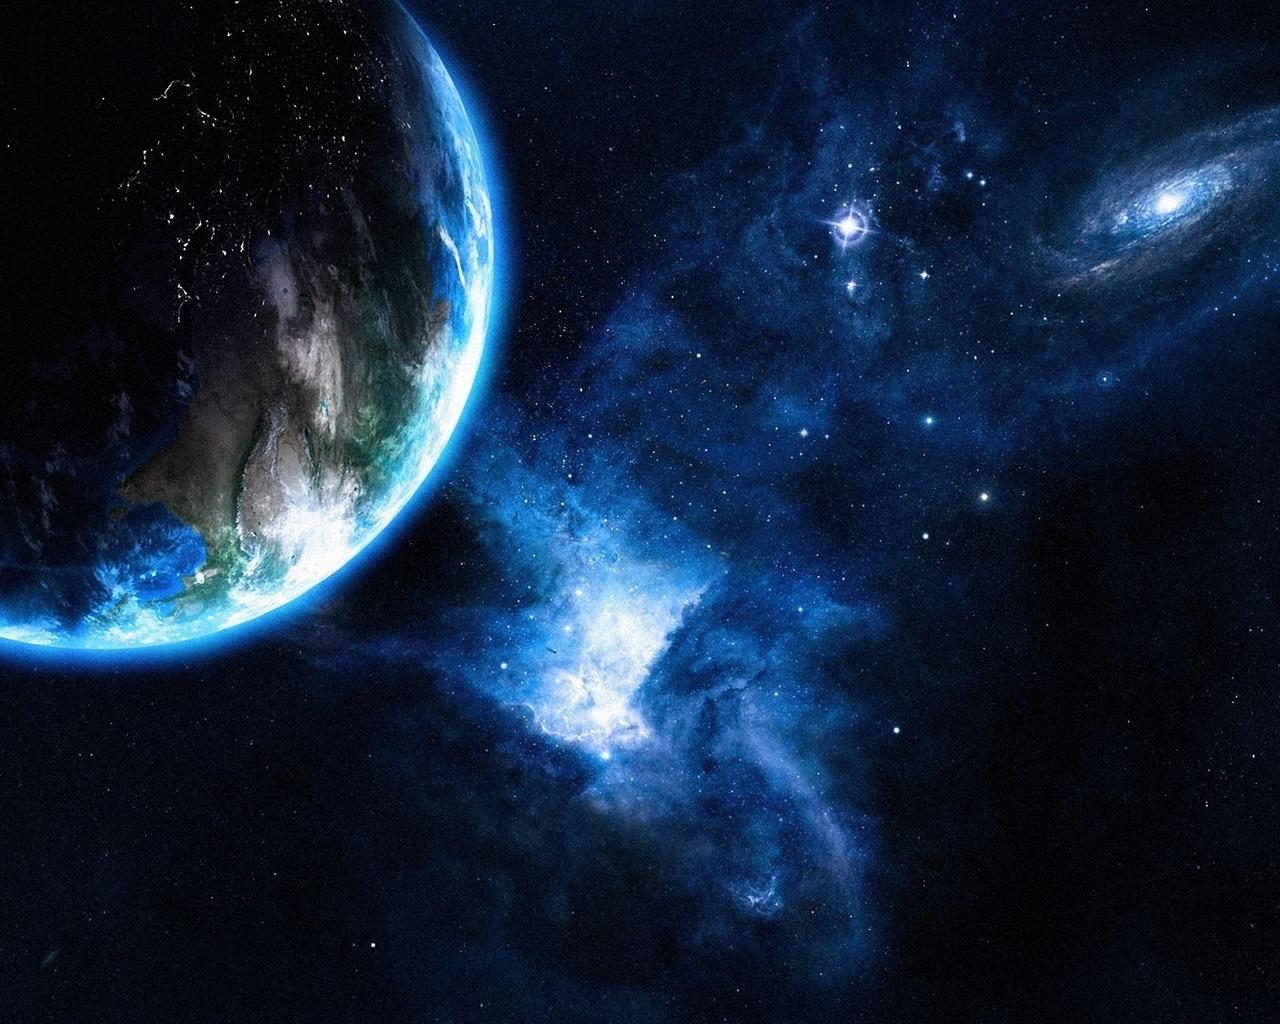 планета, звезды, космос, красиво, темный фон